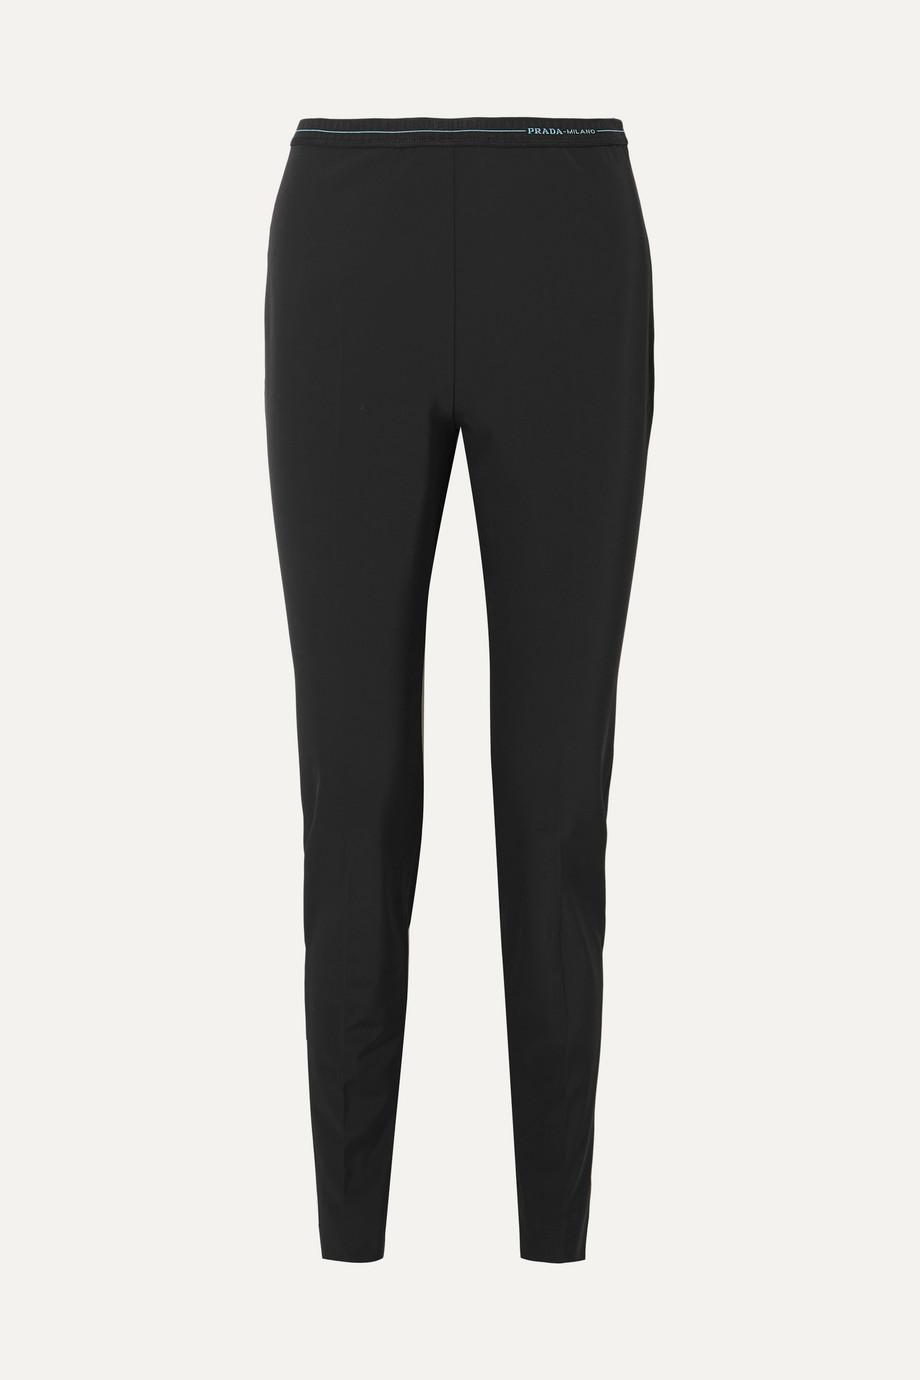 Prada Logo-detailed stretch-twill leggings